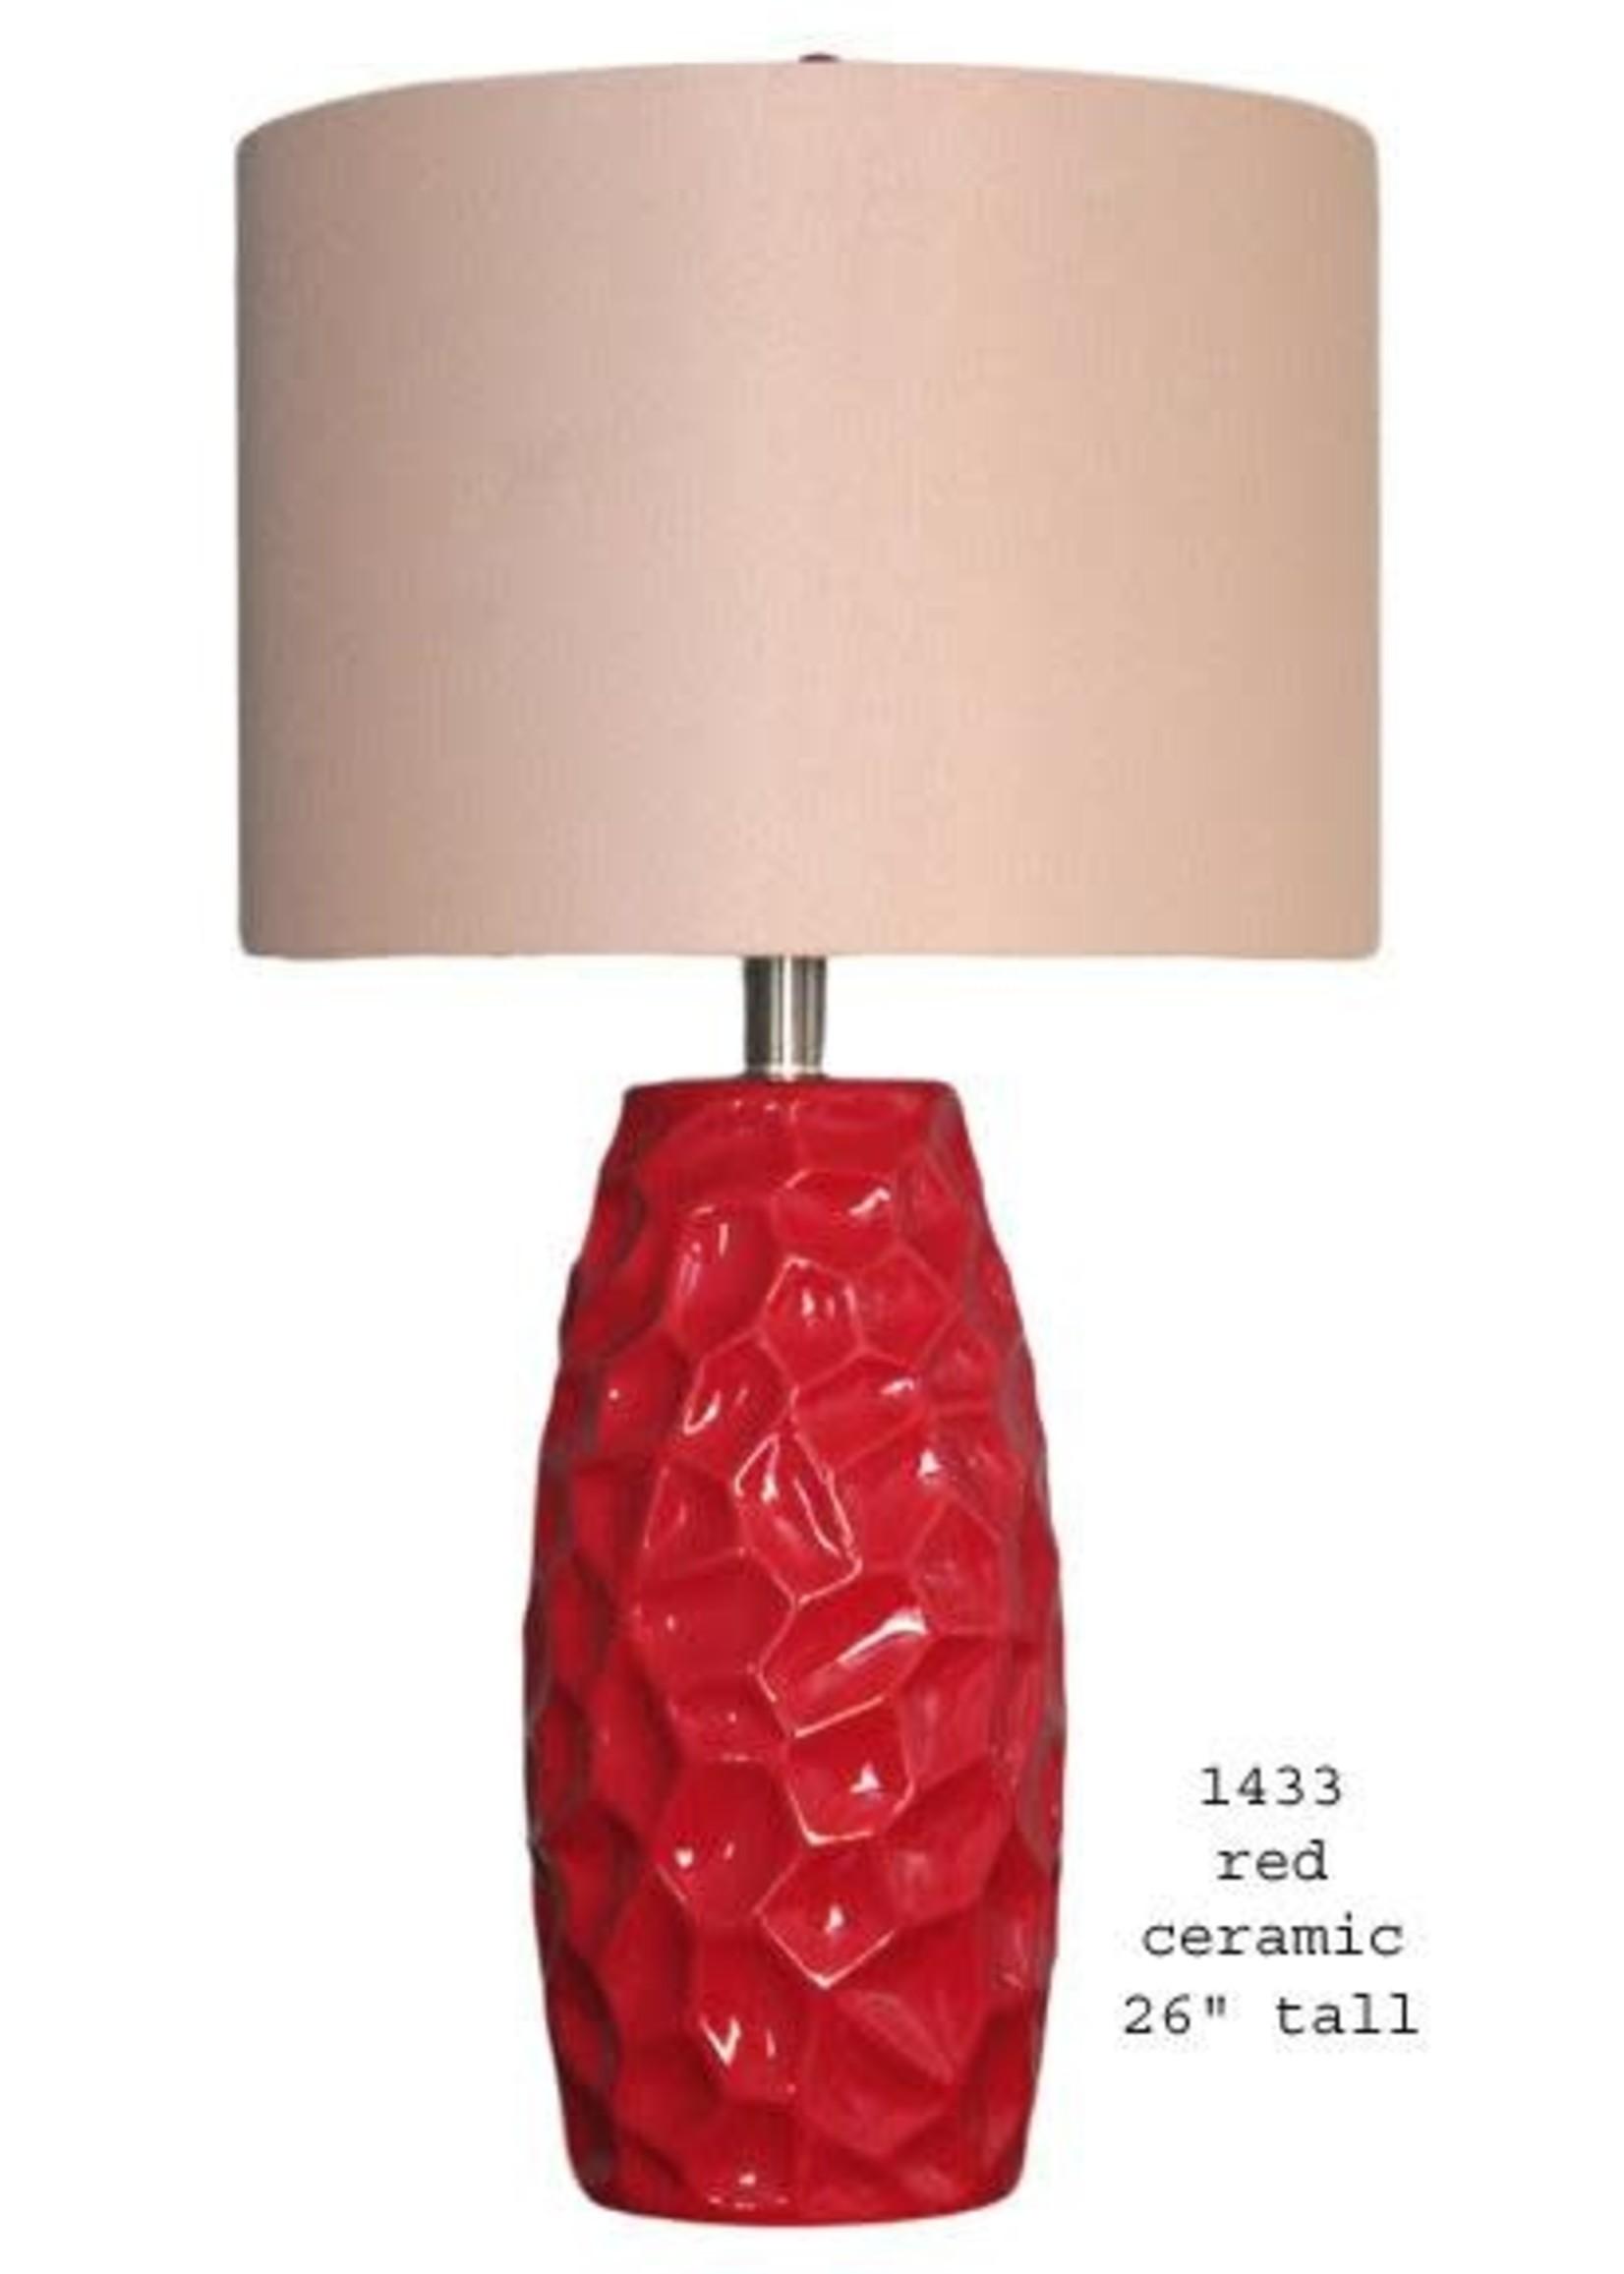 H&H LAMP CERAMIC TABLE LAMP IN RED